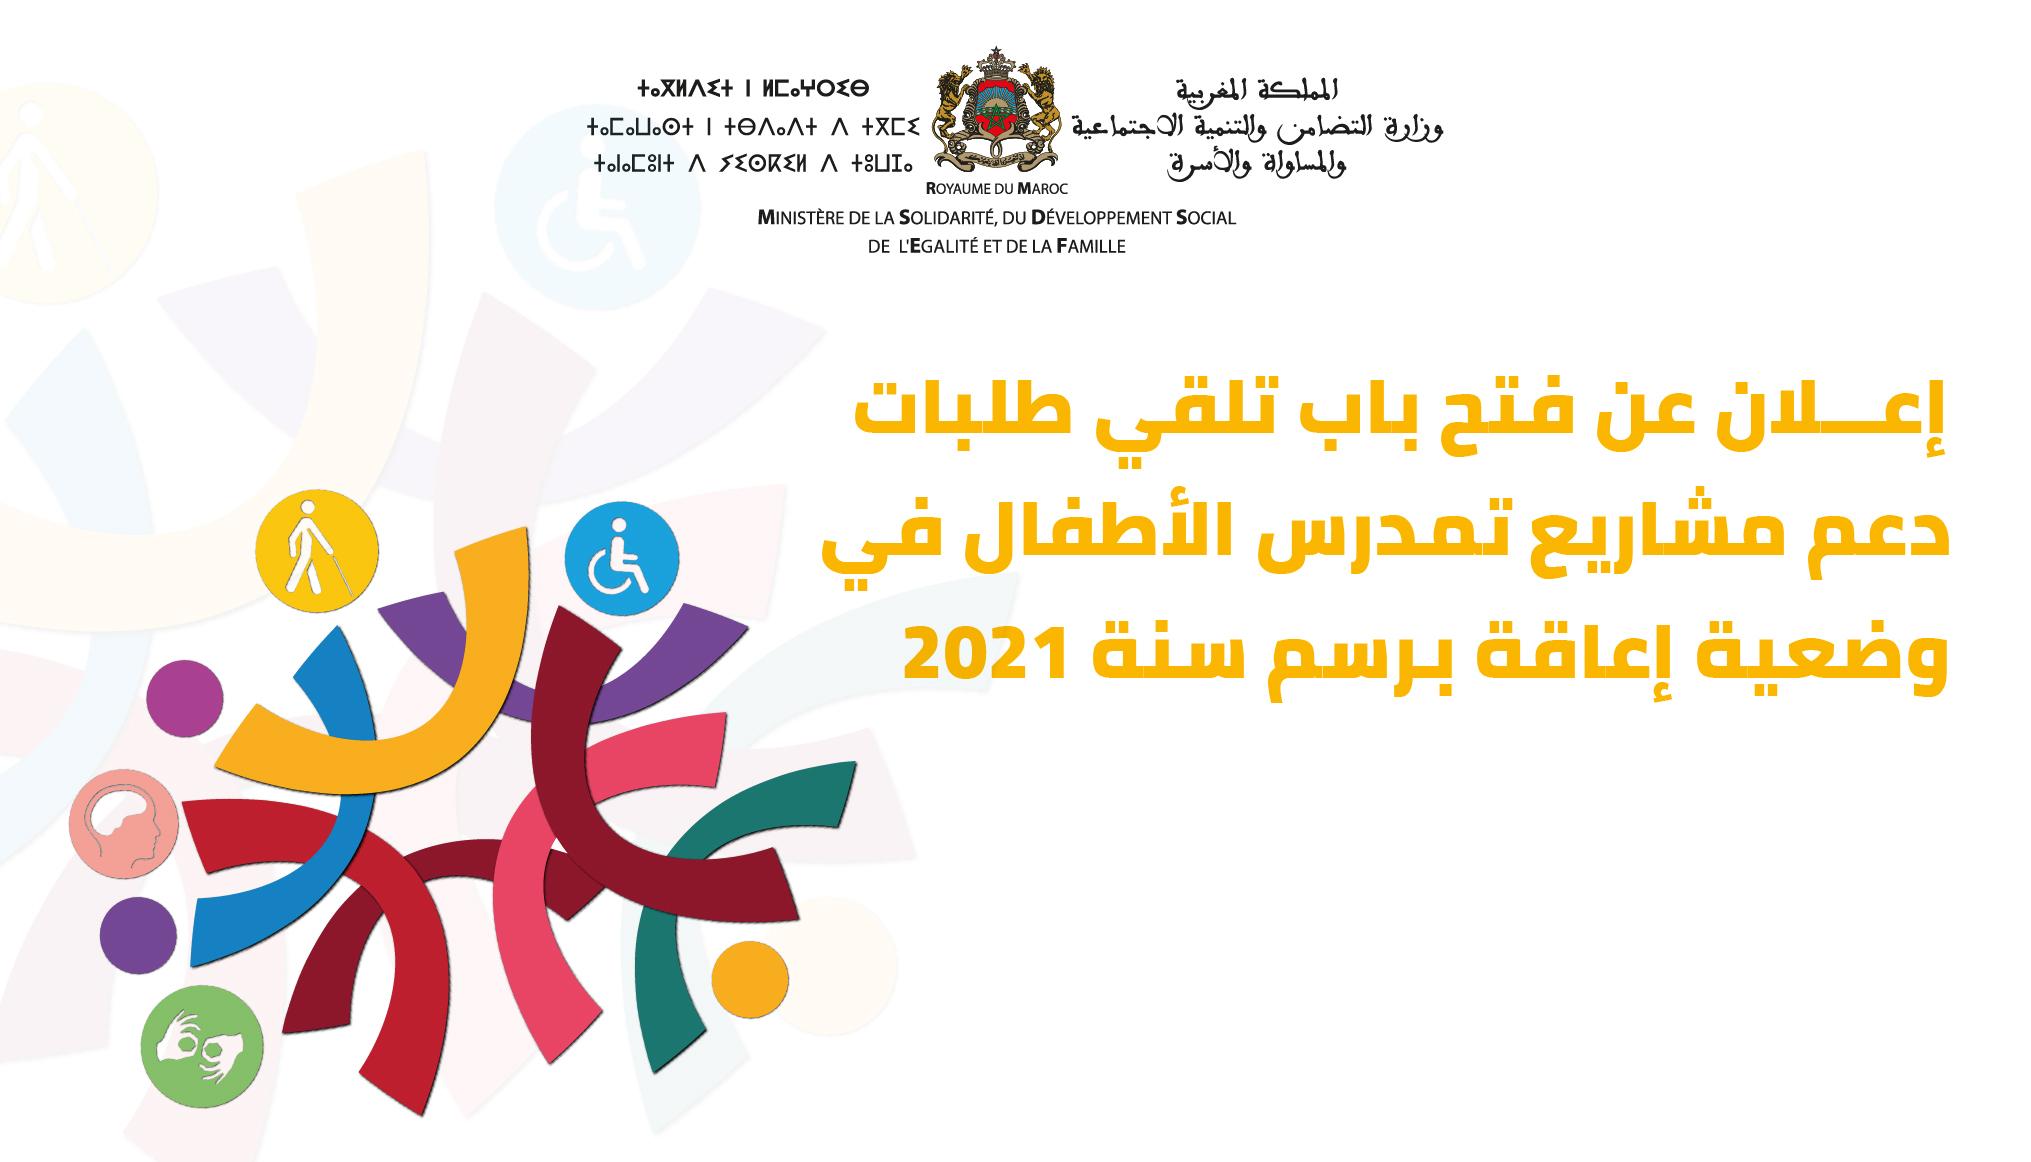 فتح باب تلقي طلبات دعم مشاريع تمدرس الأطفال في وضعية إعاقة برسم سنة 2021